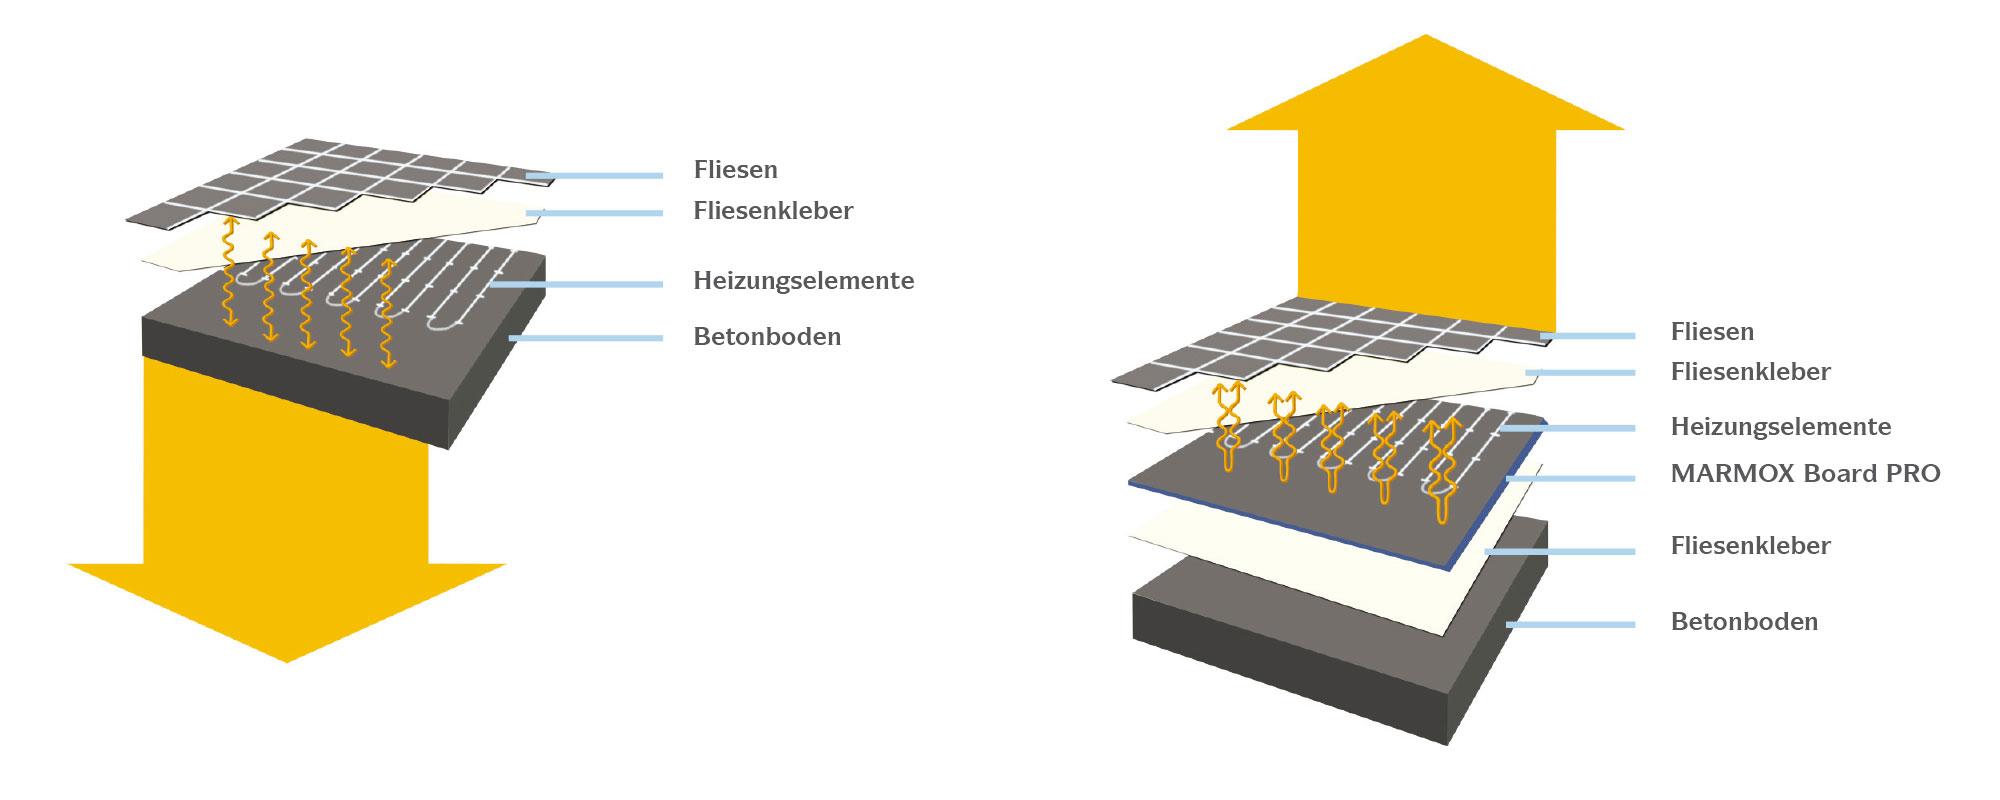 marmox board pro isolierung unter elektrischen fu bodenheizungen. Black Bedroom Furniture Sets. Home Design Ideas